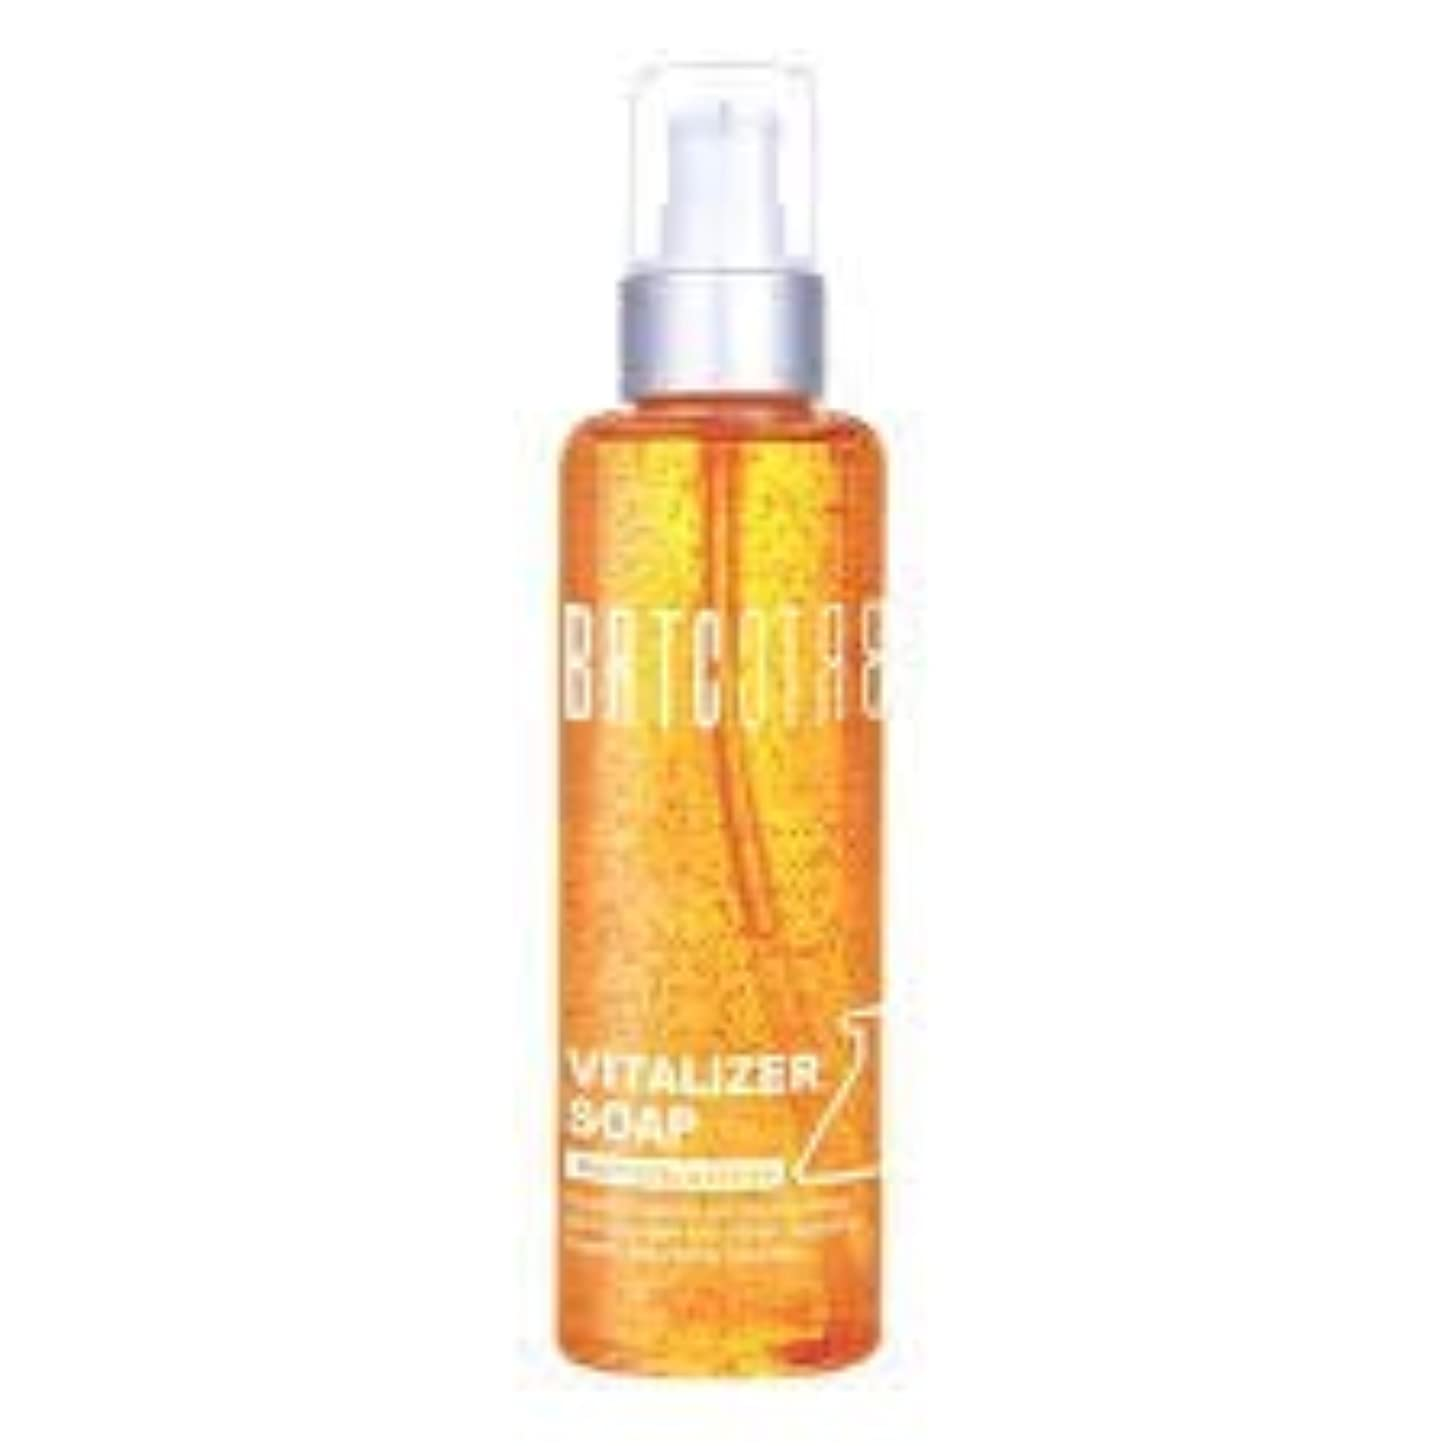 メンテナンス援助するハプニングBRTC バイタライザー石鹸200ml ビタミンカプセルは、健康で重要な肌を提示するために皮膚に浸透し、吸収します